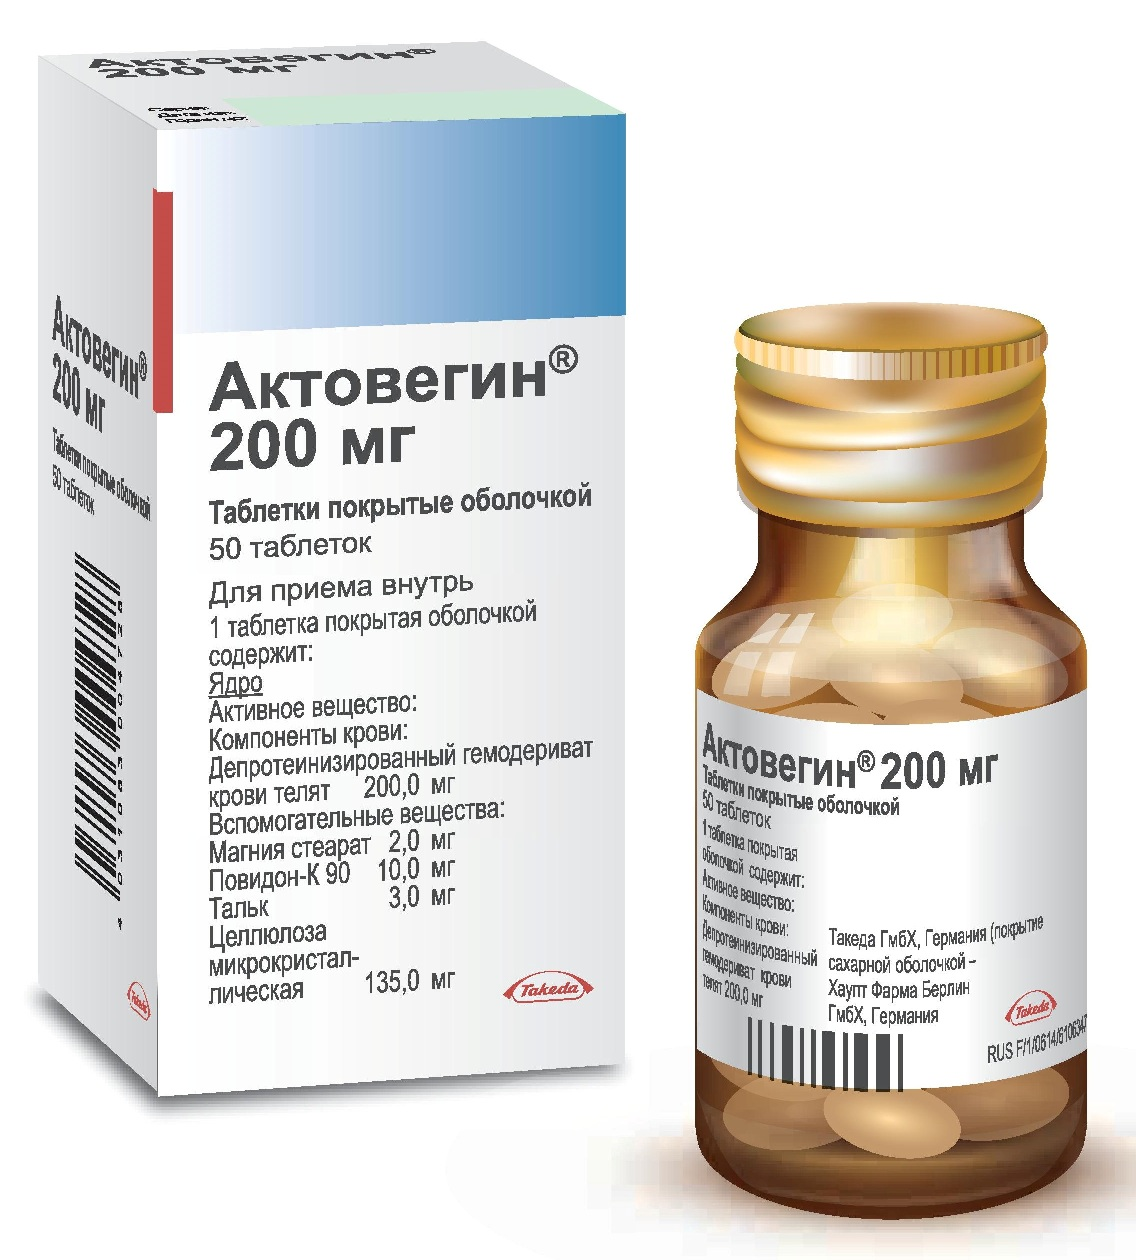 Как правильно принимать таблетки Актовегин – рекомендации врача